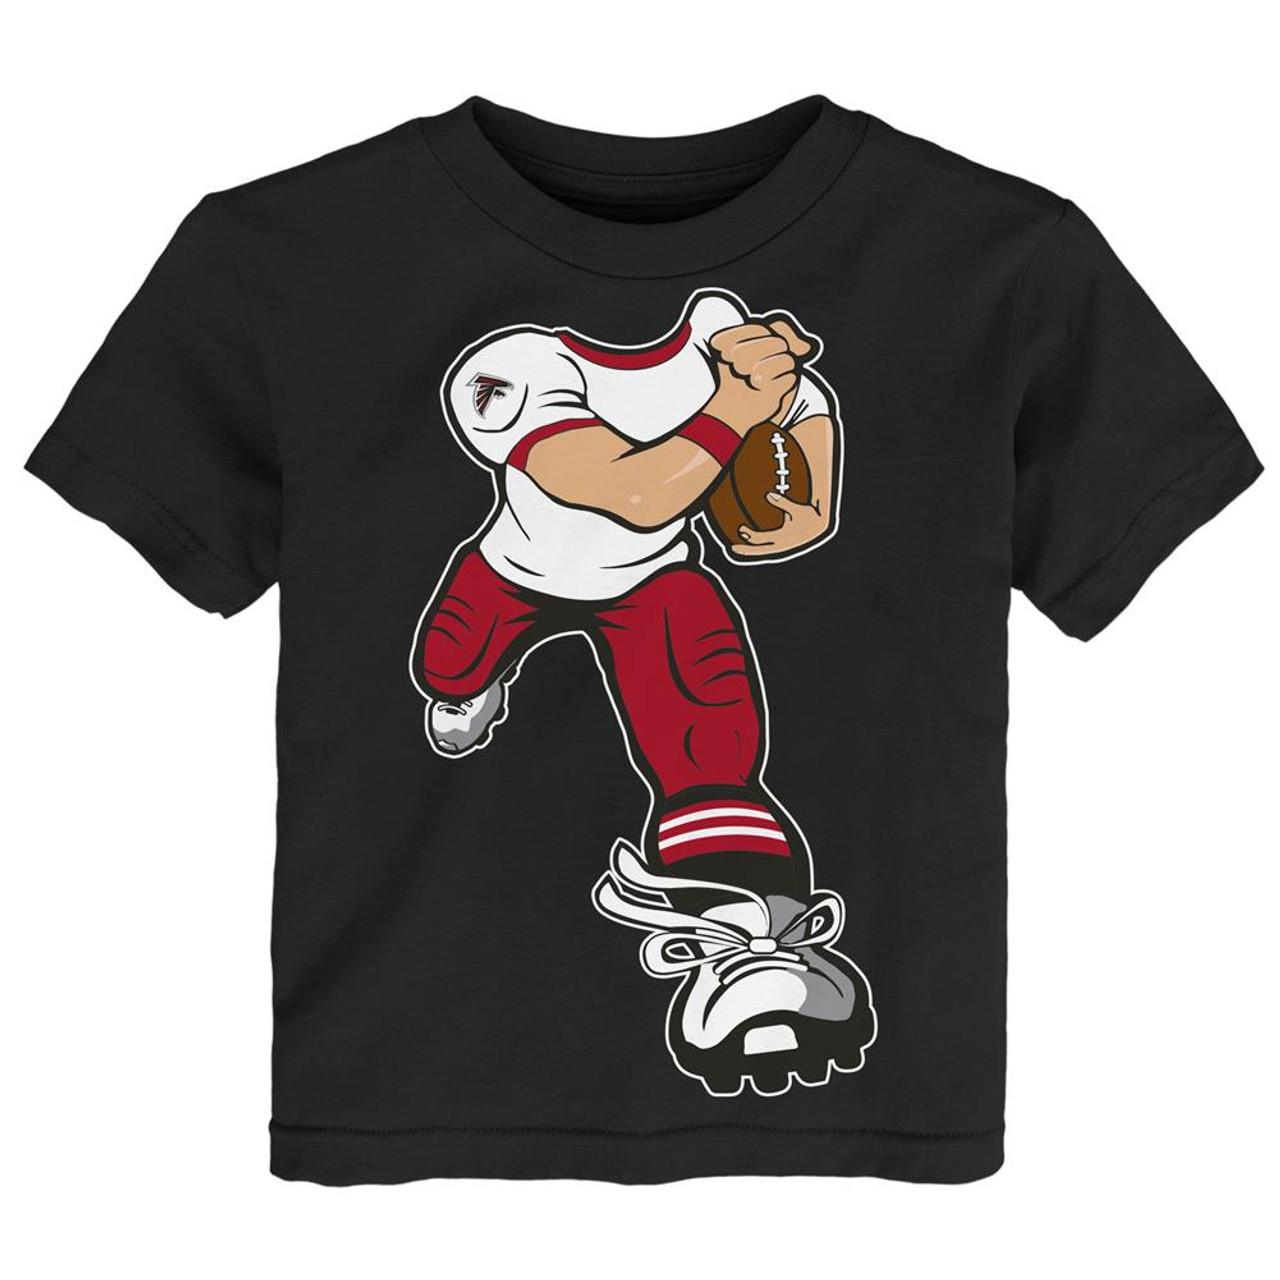 low priced 3bf4c 89639 Toddler Atlanta Falcons Tee Yard Rush Toddler T-Shirt